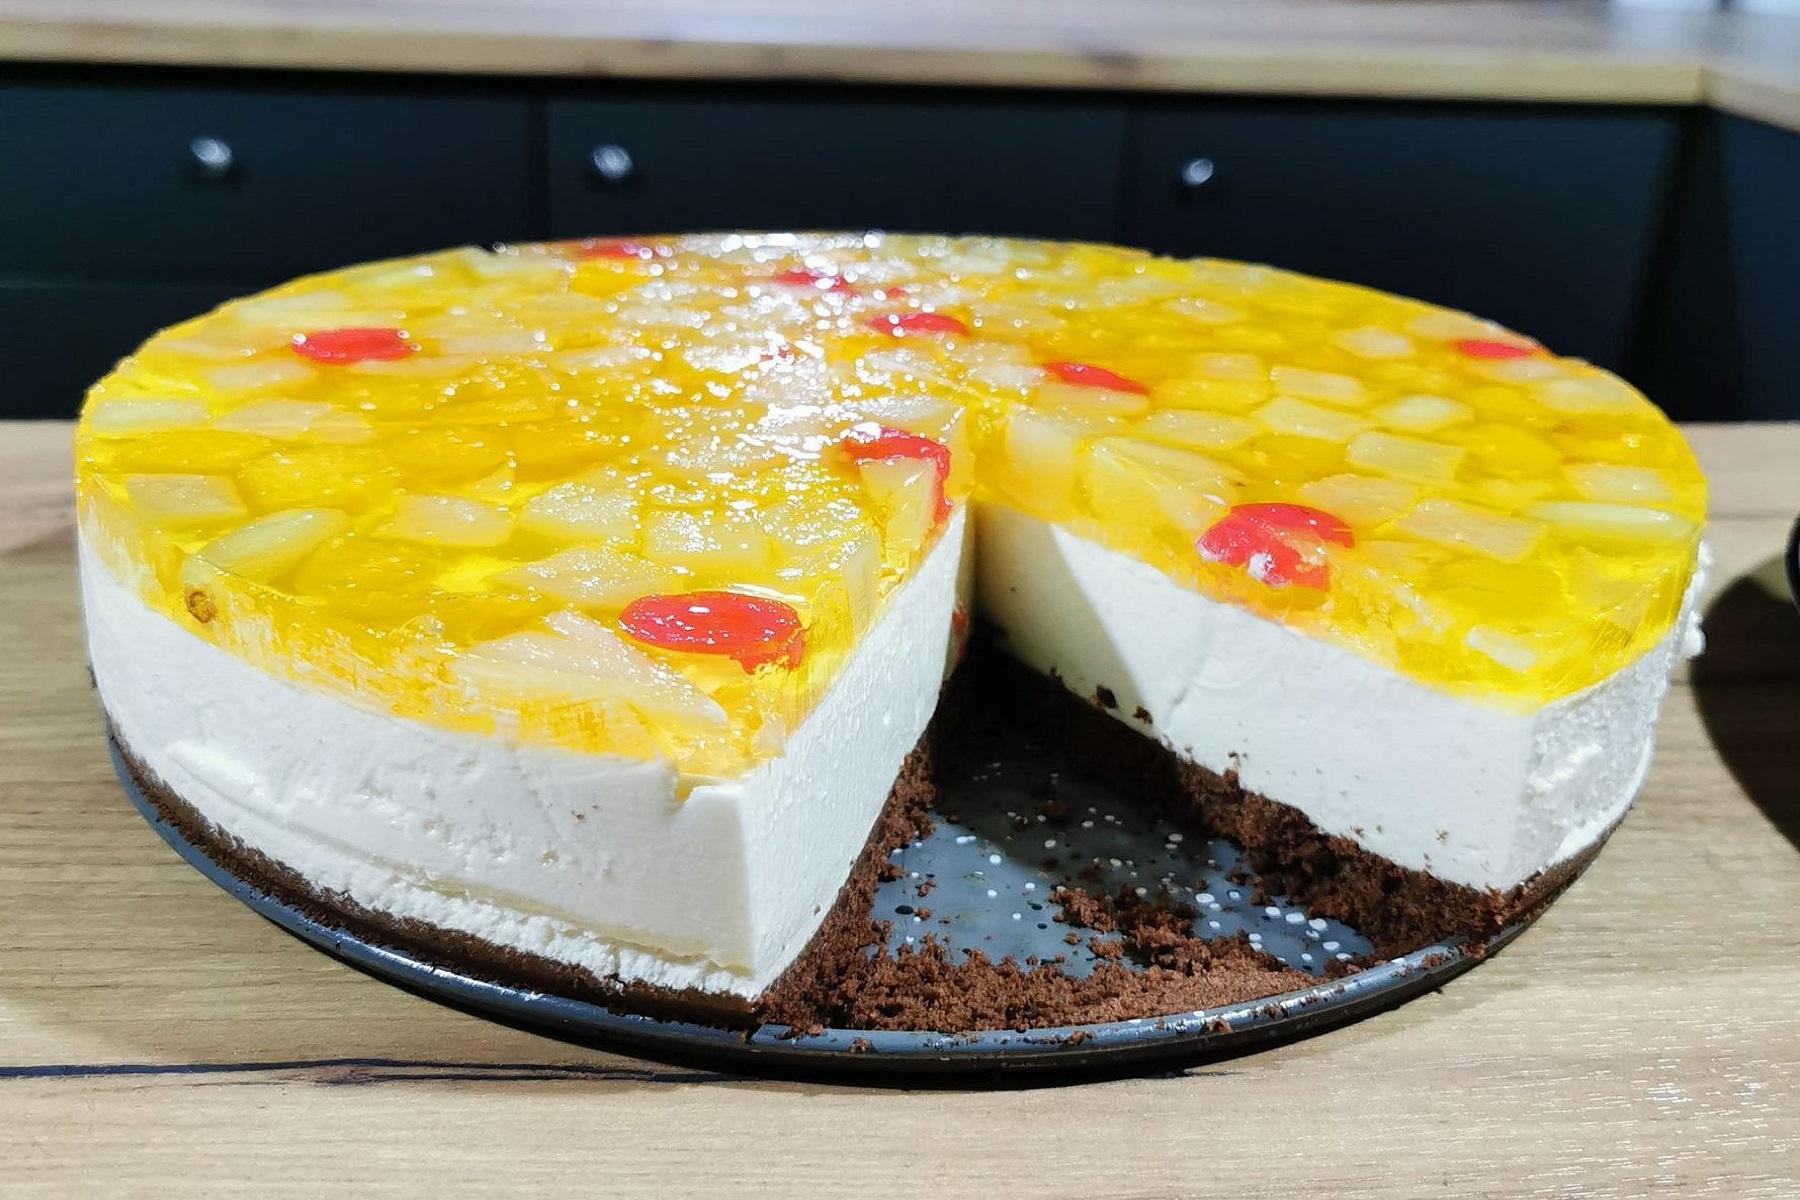 Ελαφρύ Επιδόρπιο: Δροσερό γιαουρτογλυκό με κοκτέιλ φρούτων και μπισκότα!!!